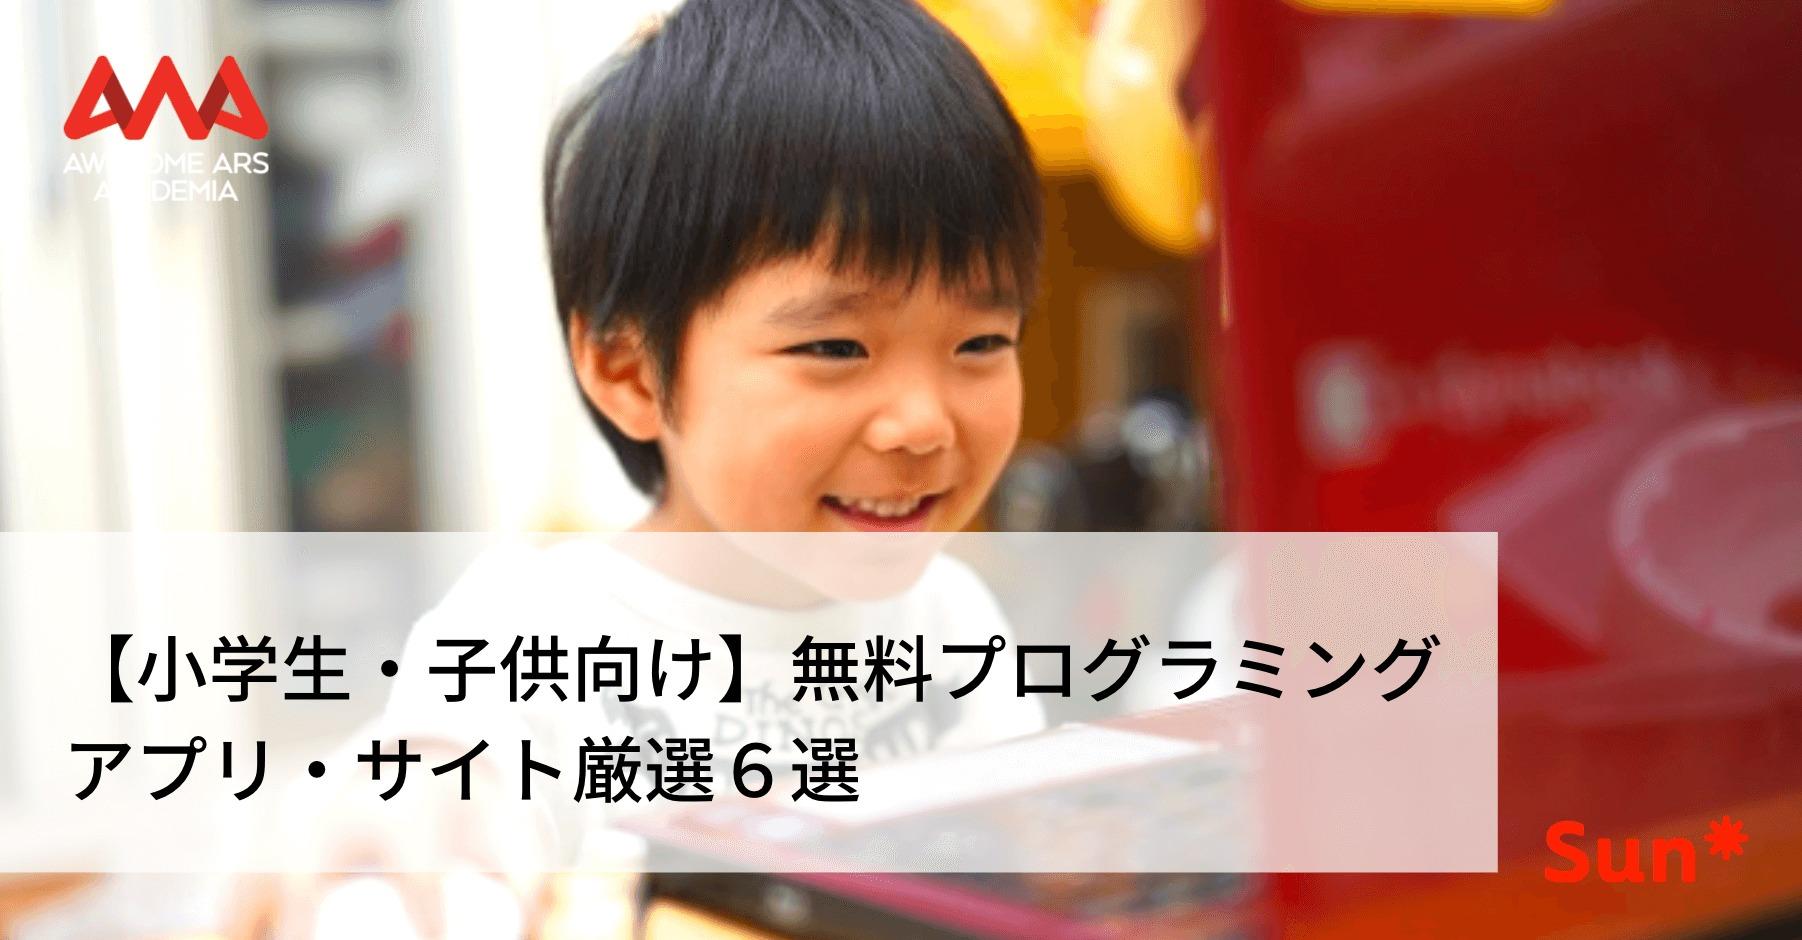 プログラミングを学習する子供